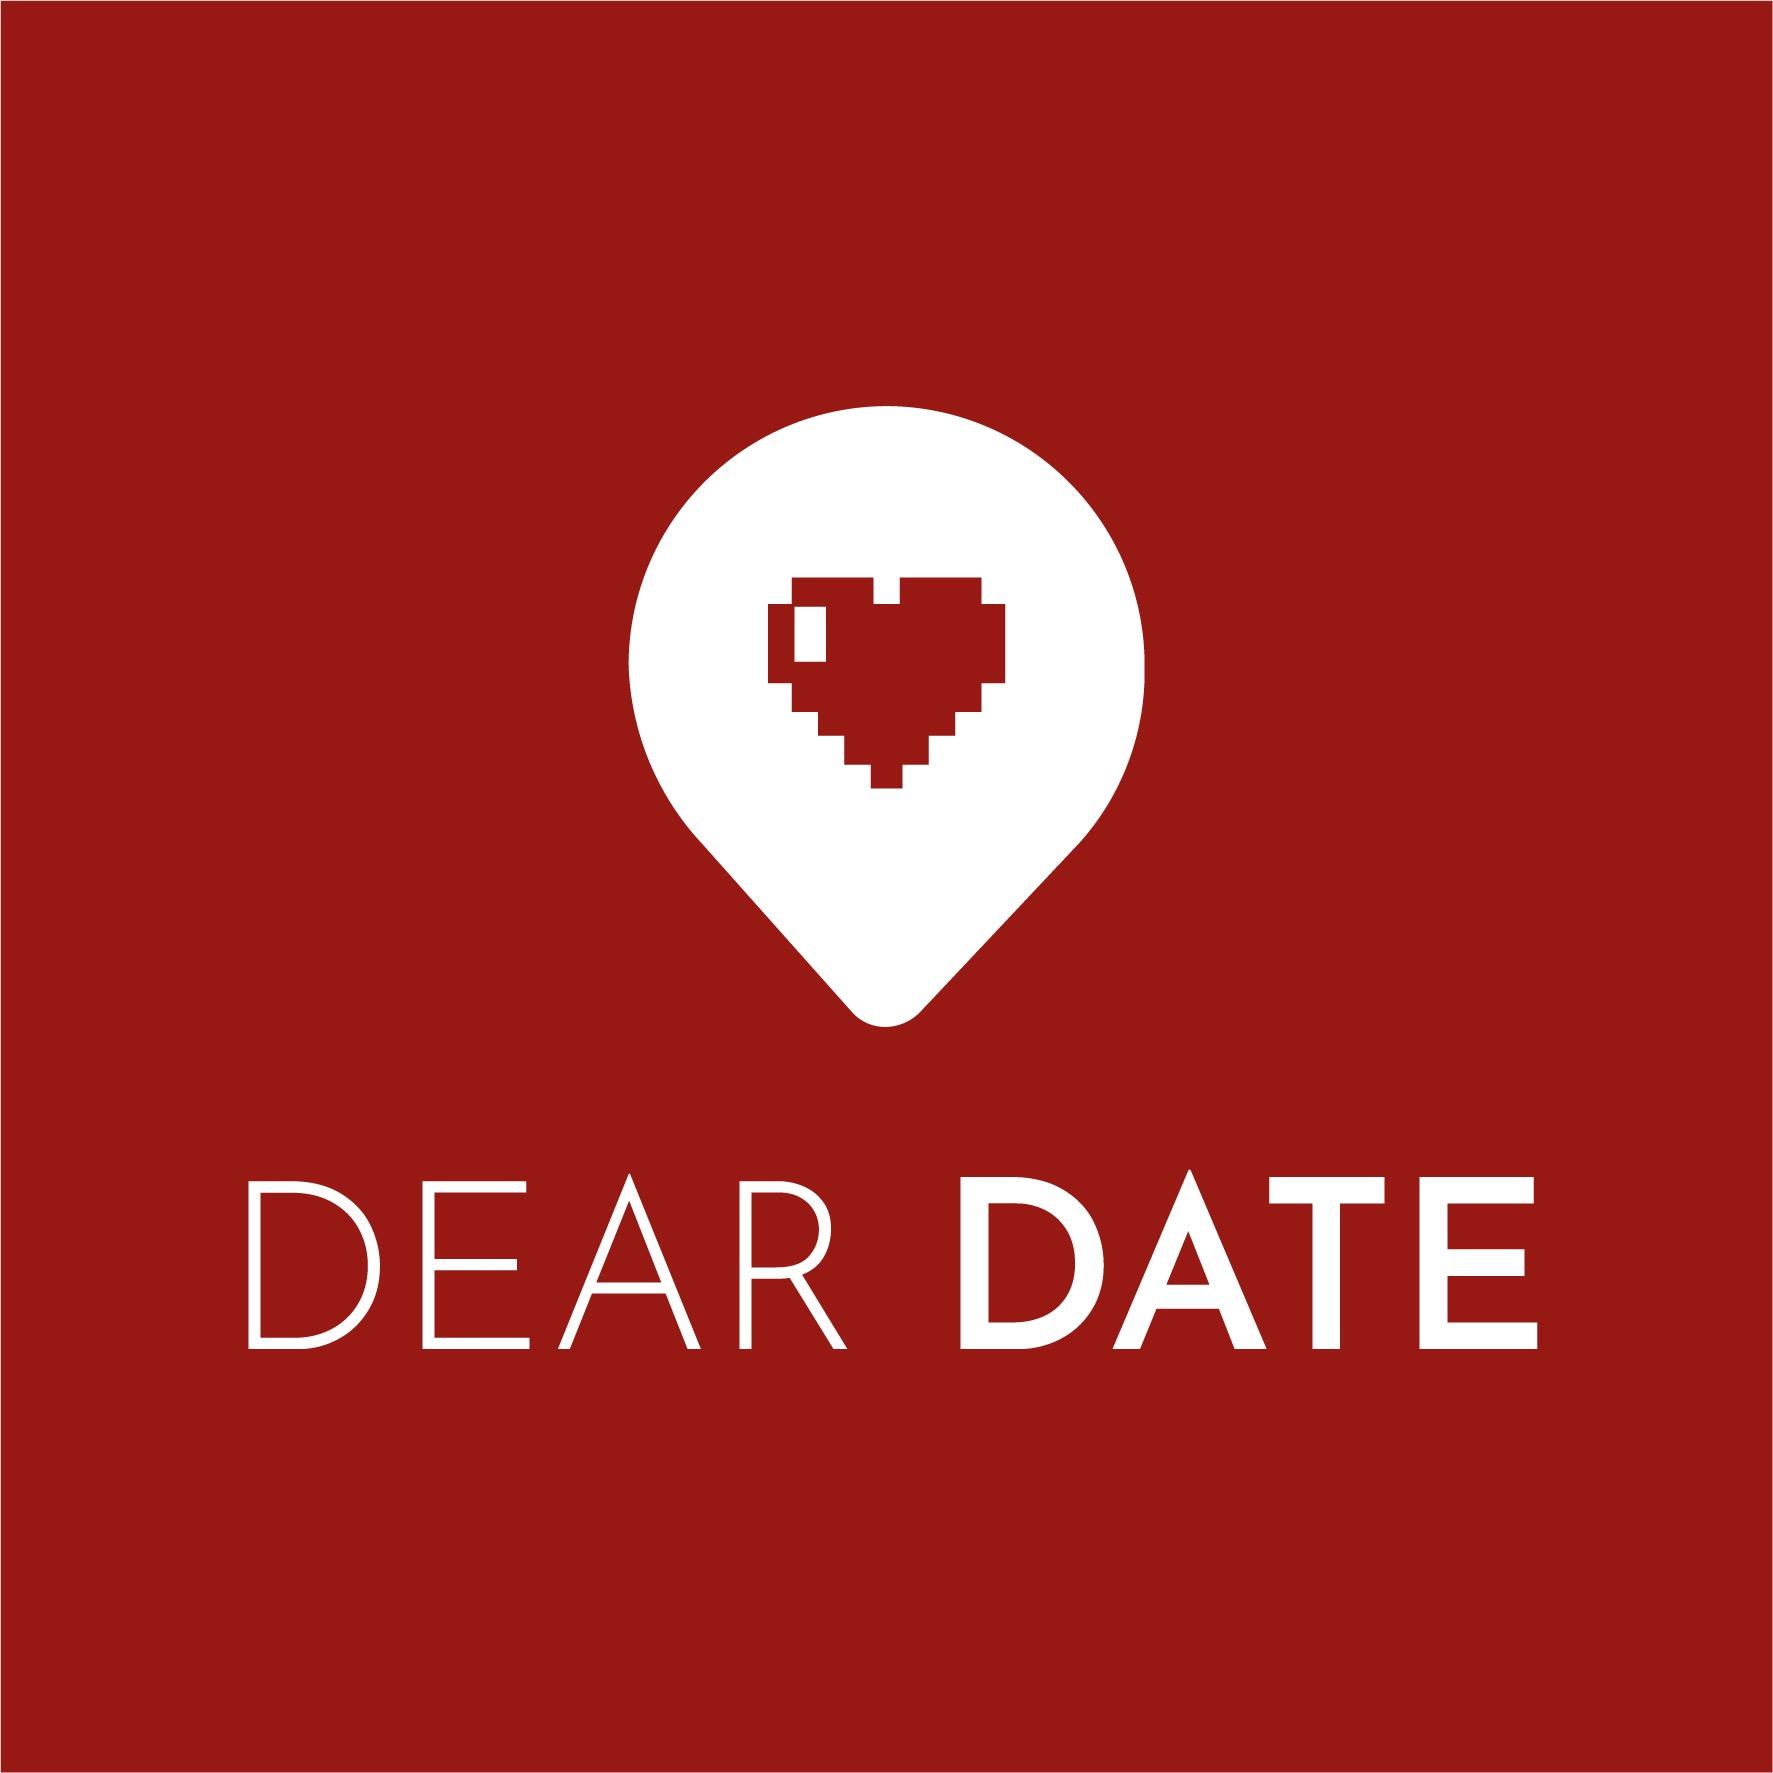 DEAR DATE